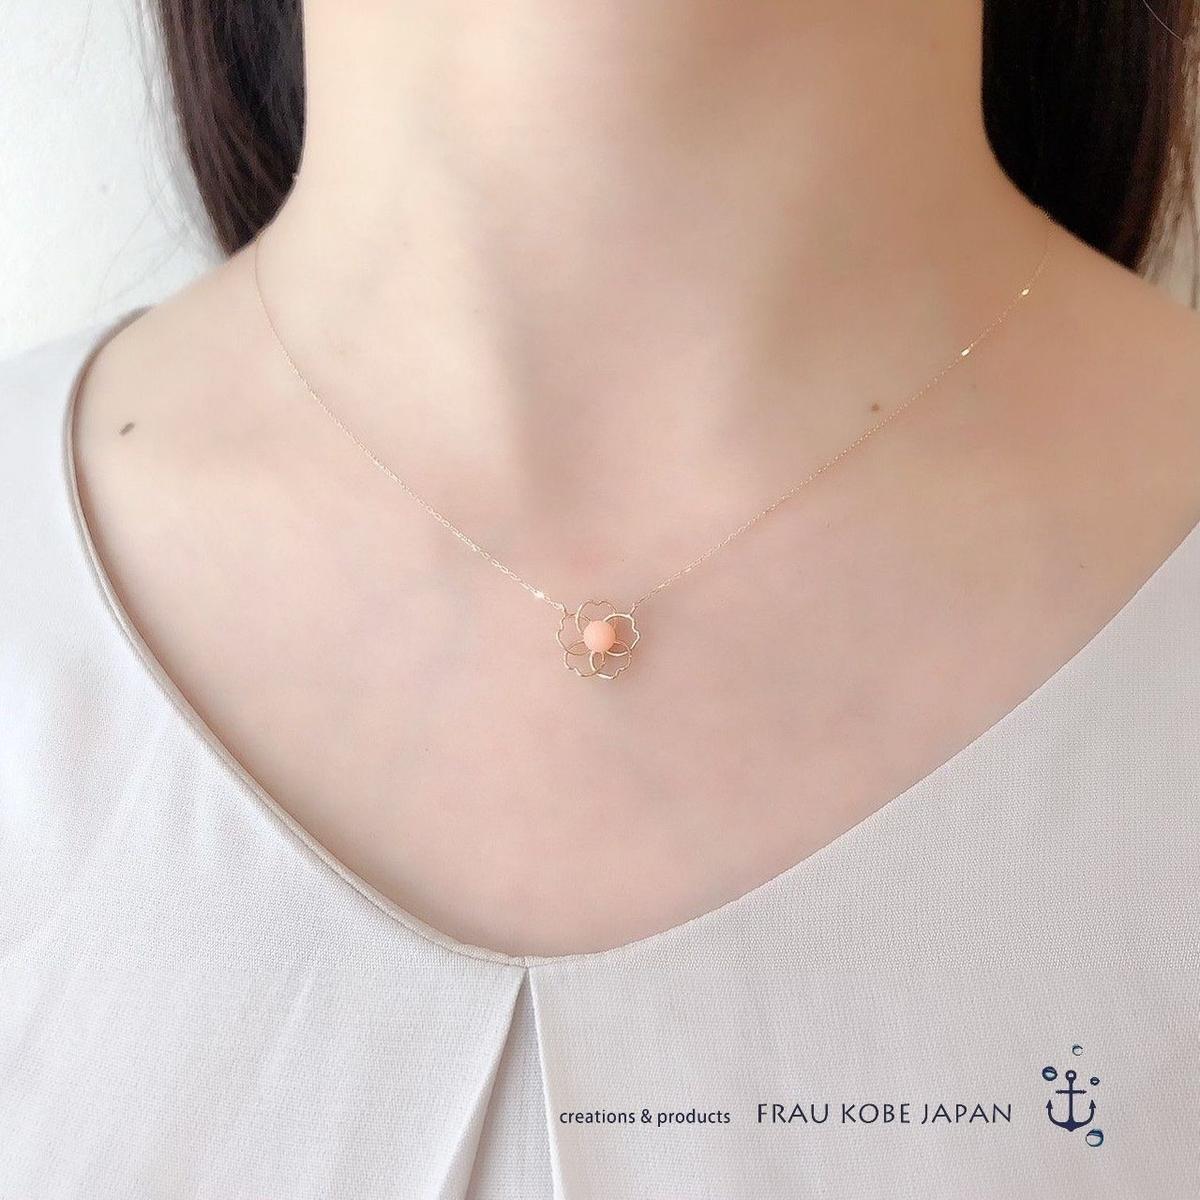 f:id:takamatsu-frau-kobe:20210319164356j:plain